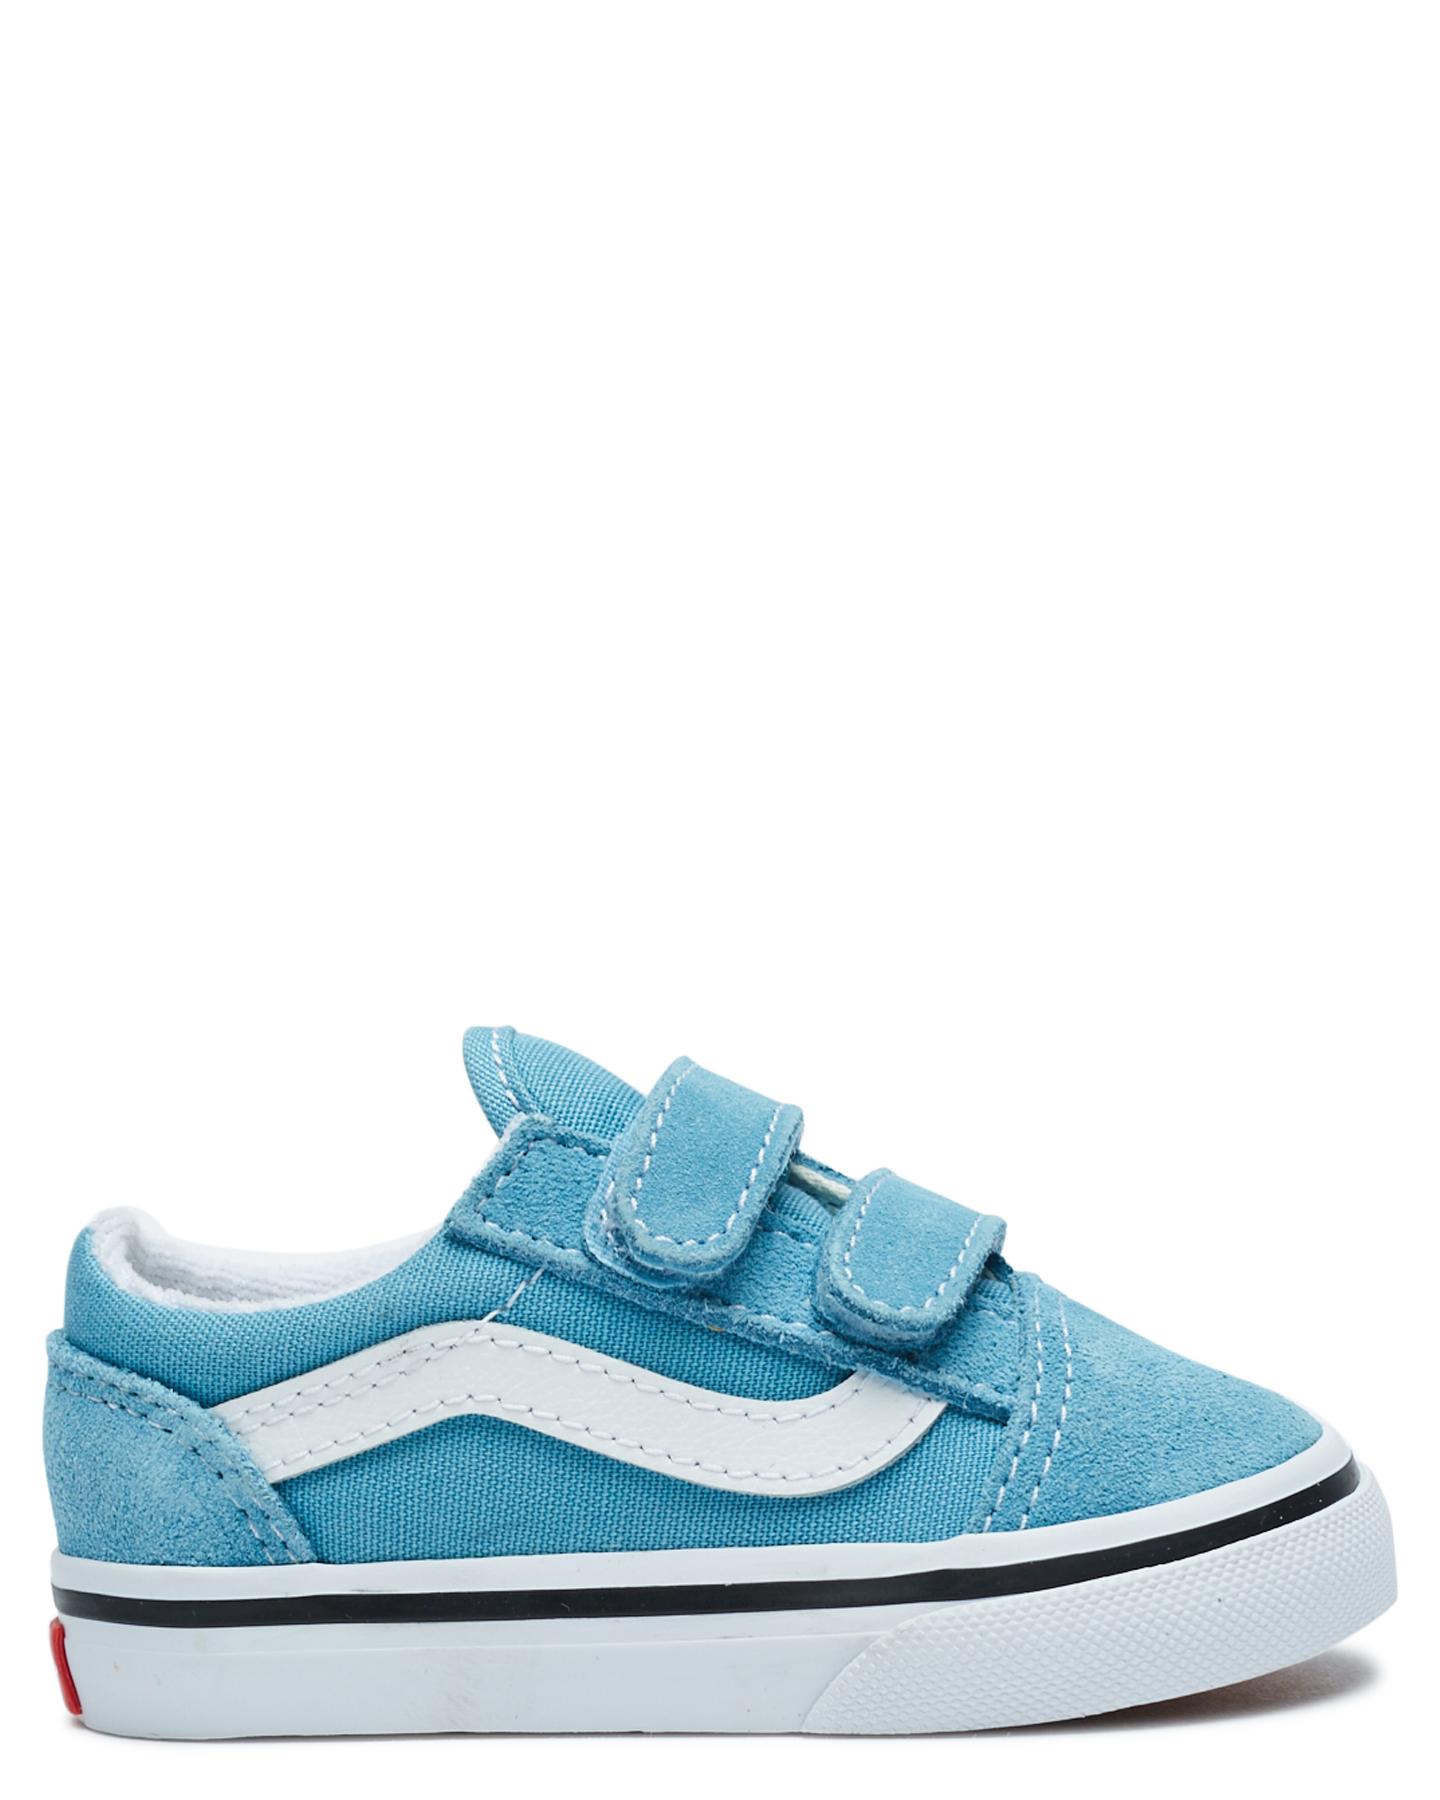 Vans Old Skool Velcro Shoe - Toddler Blue White